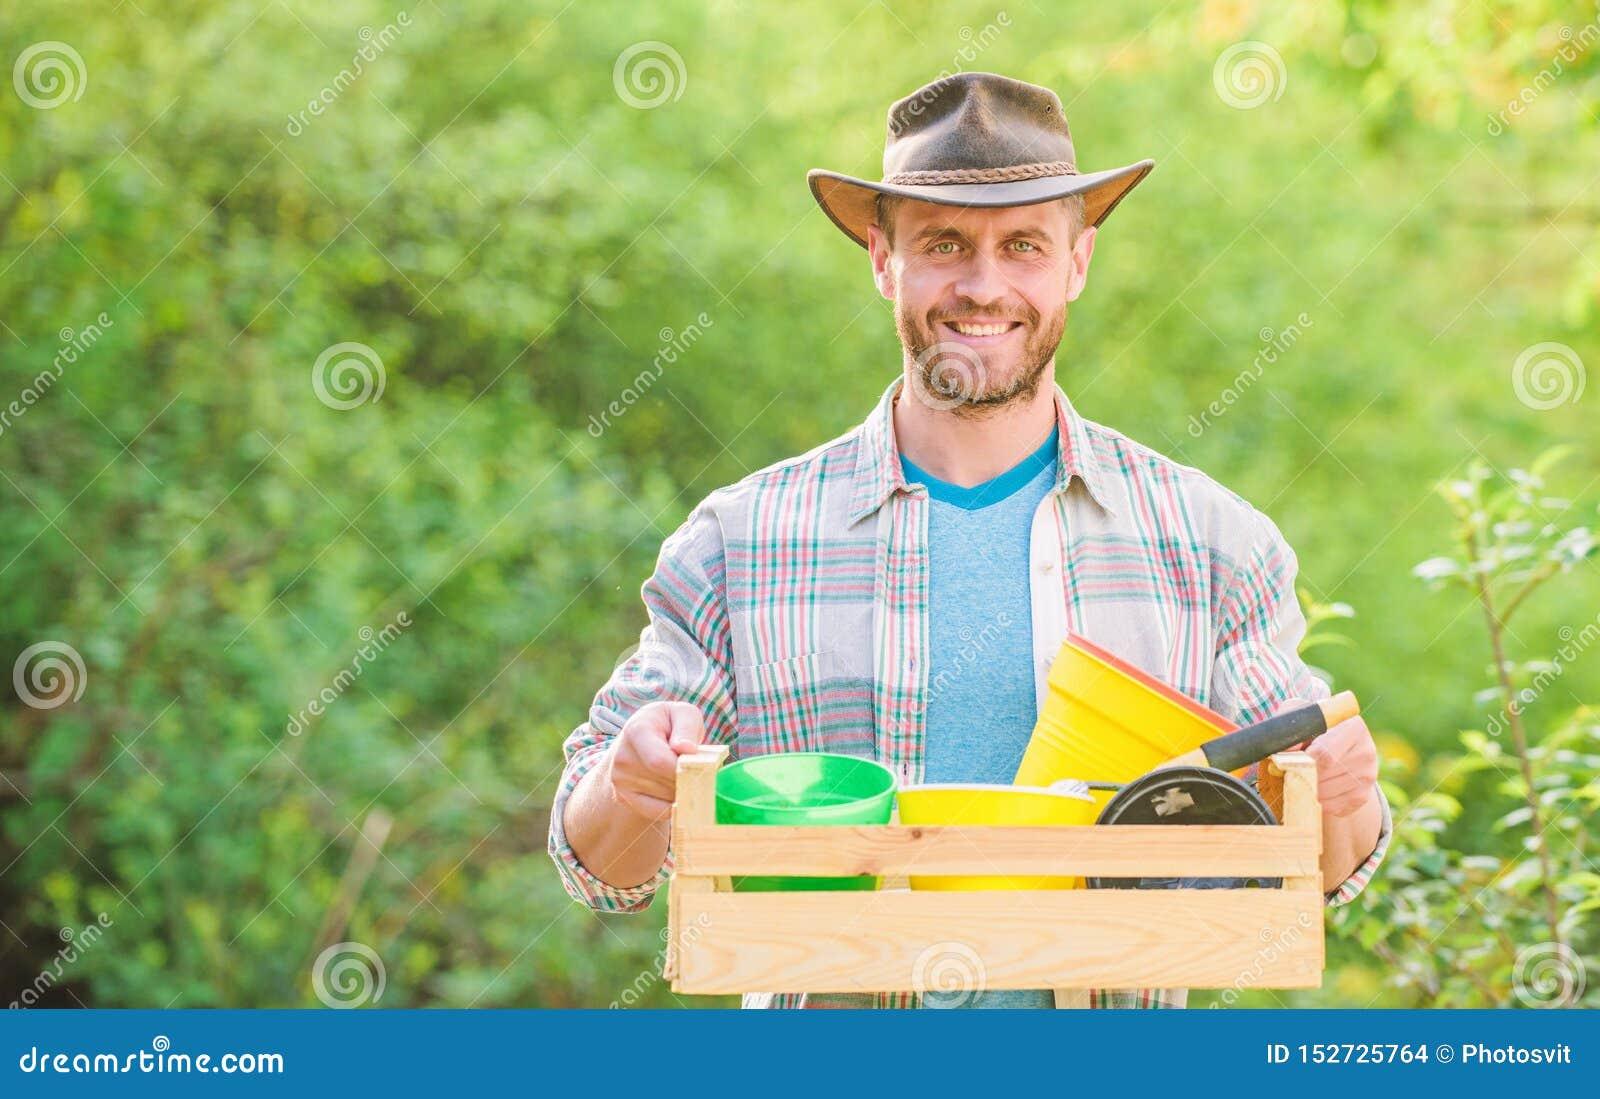 Mens het tuinieren de sexy houten doos van de landbouwersgreep met bloempot Ecobedrijfsmedewerker Gelukkige Aardedag Het leven va